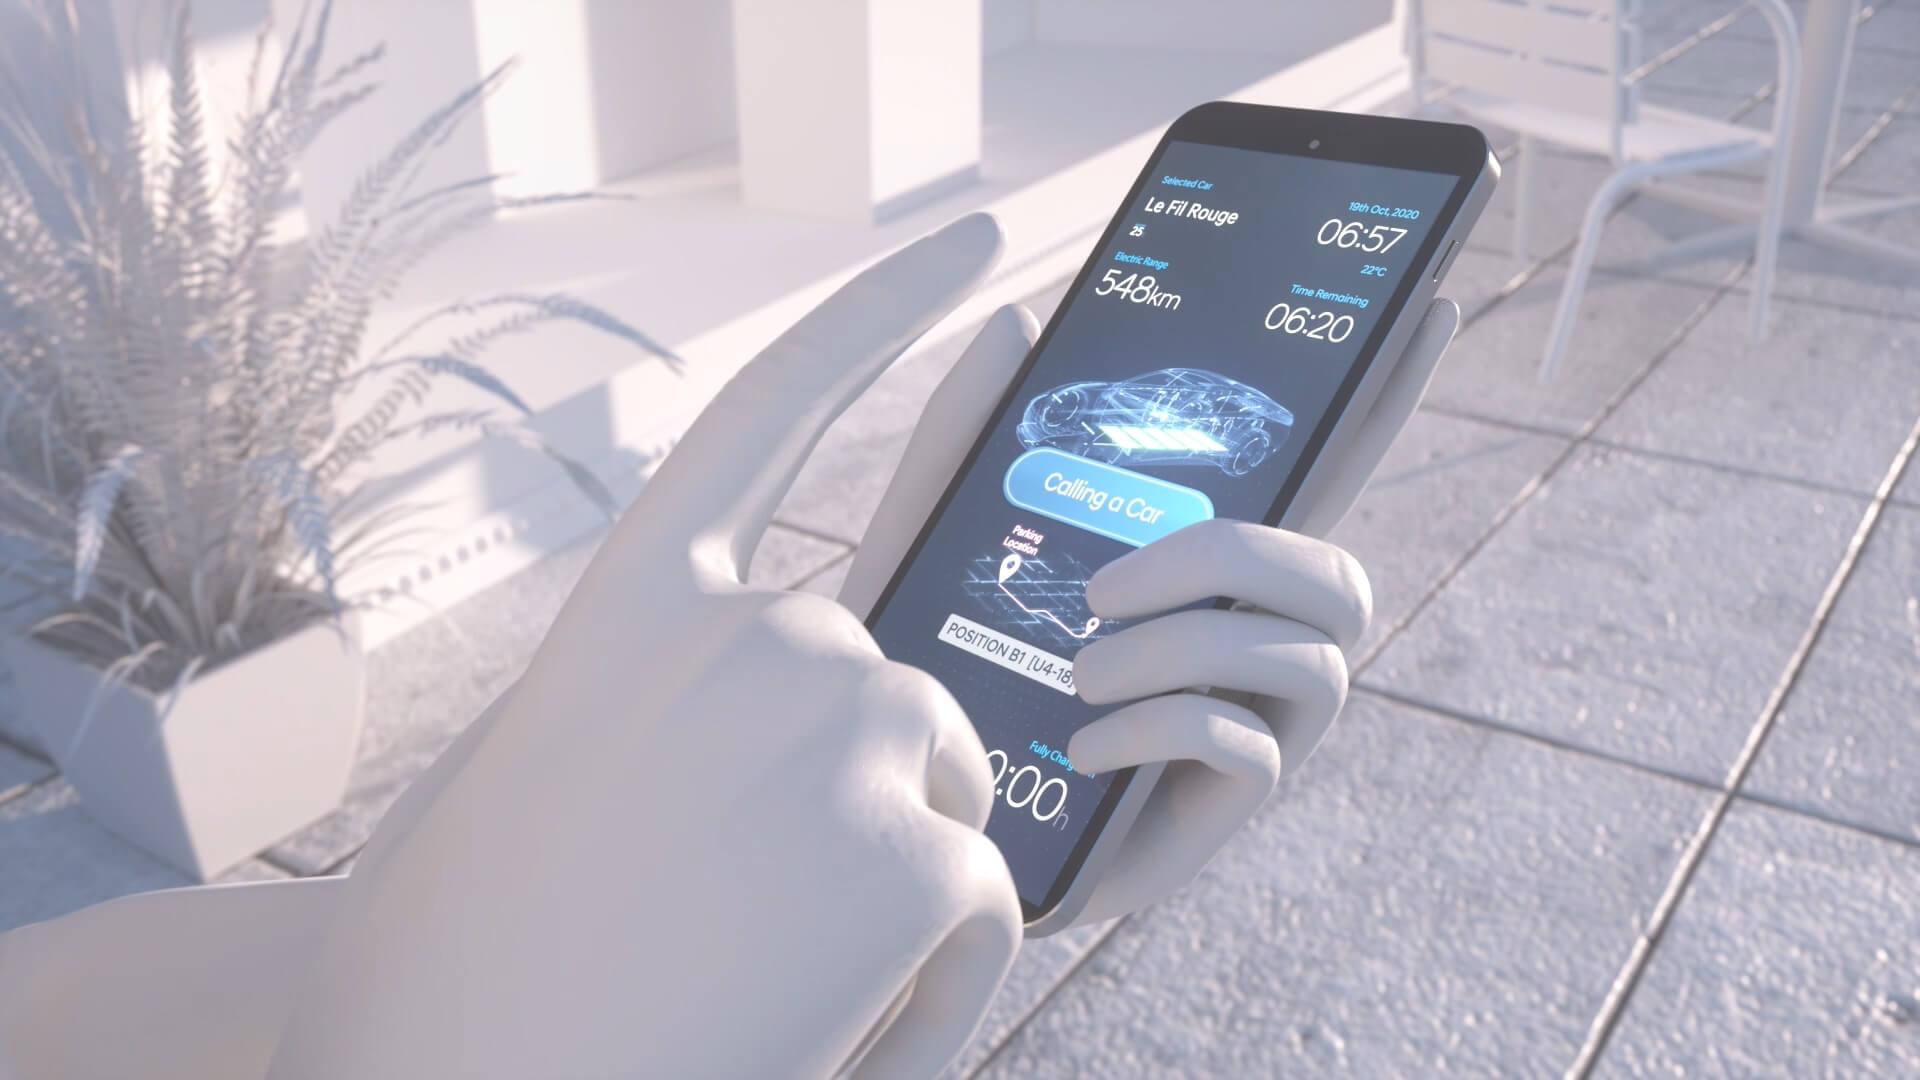 Приложение насмартфоне для активации системы автоматической парковки с беспроводной зарядкой